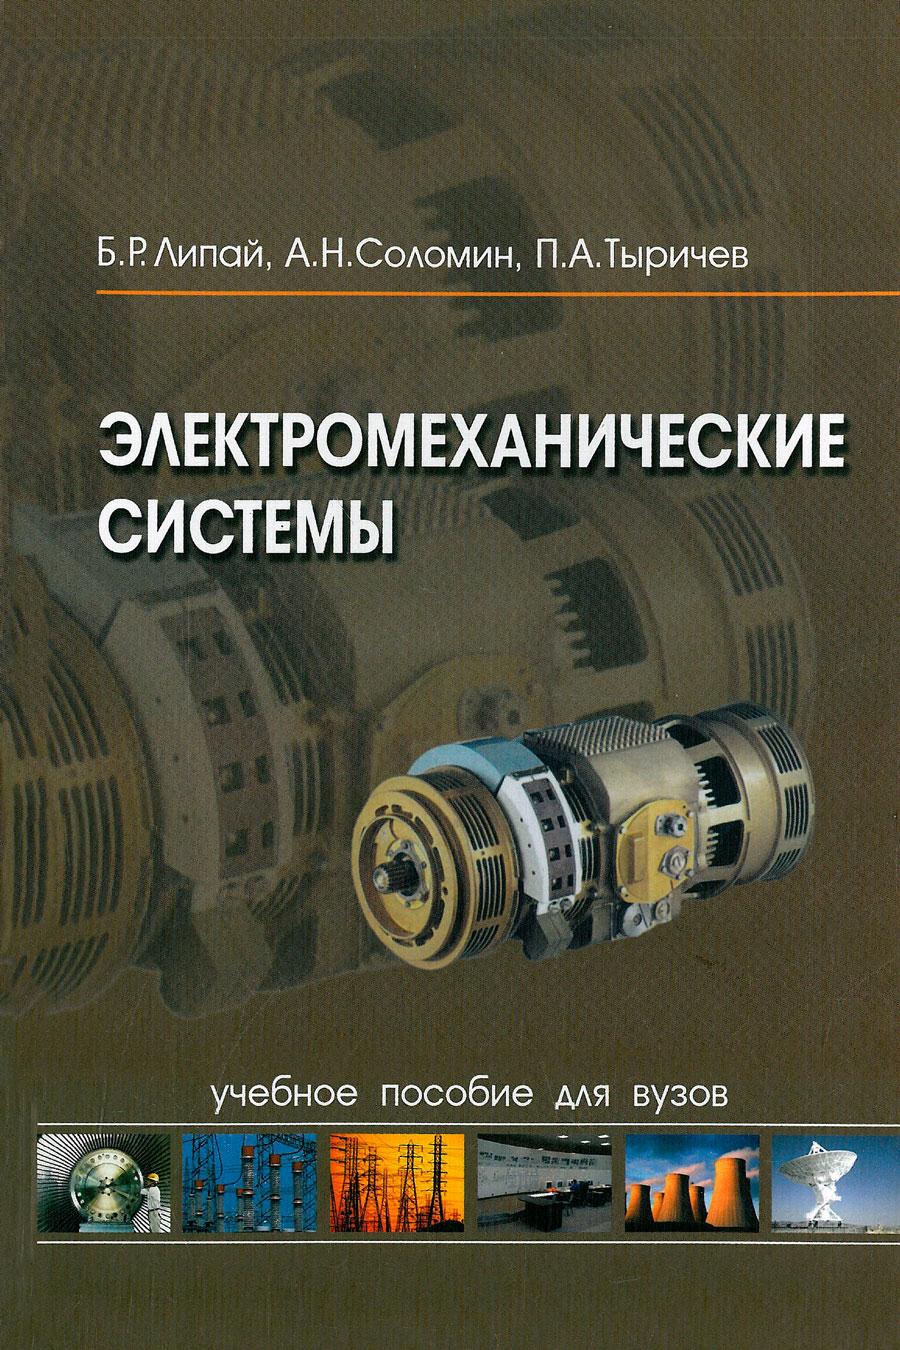 Электромеханические системы: учебное пособие для вузов